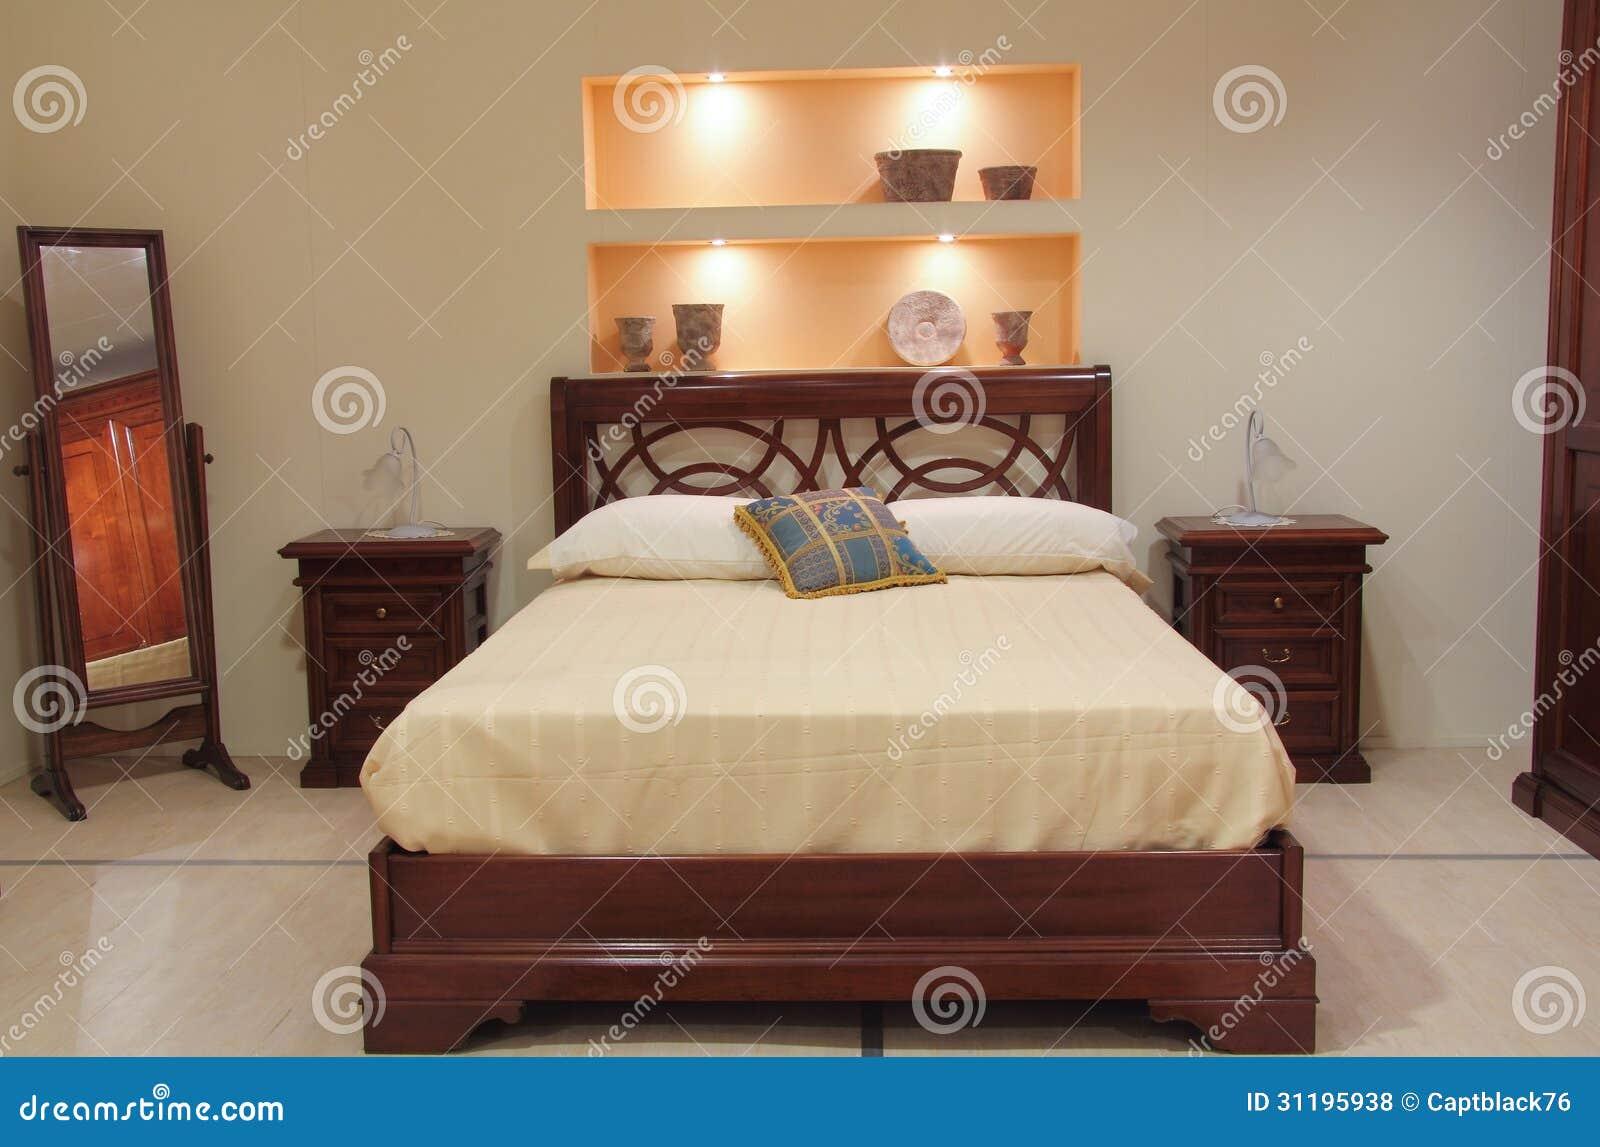 Meuble chambre a coucher 2016 - Les chambres a coucher ...